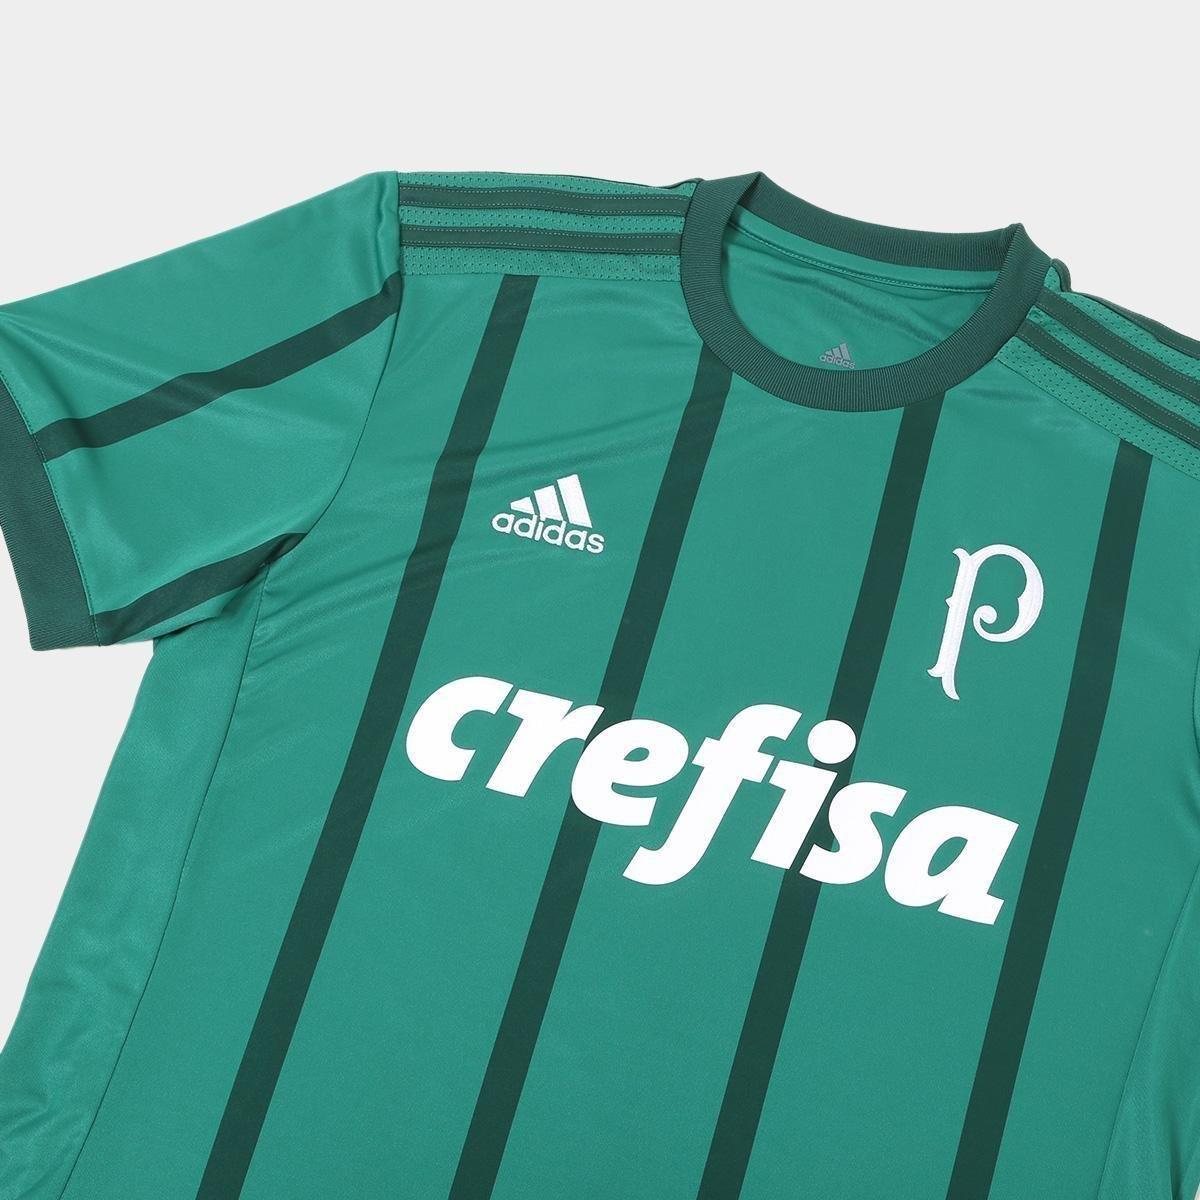 Camisa Palmeiras I 17 18 s nº Torcedor Adidas Masculina - Verde ... 9ae46146d831e